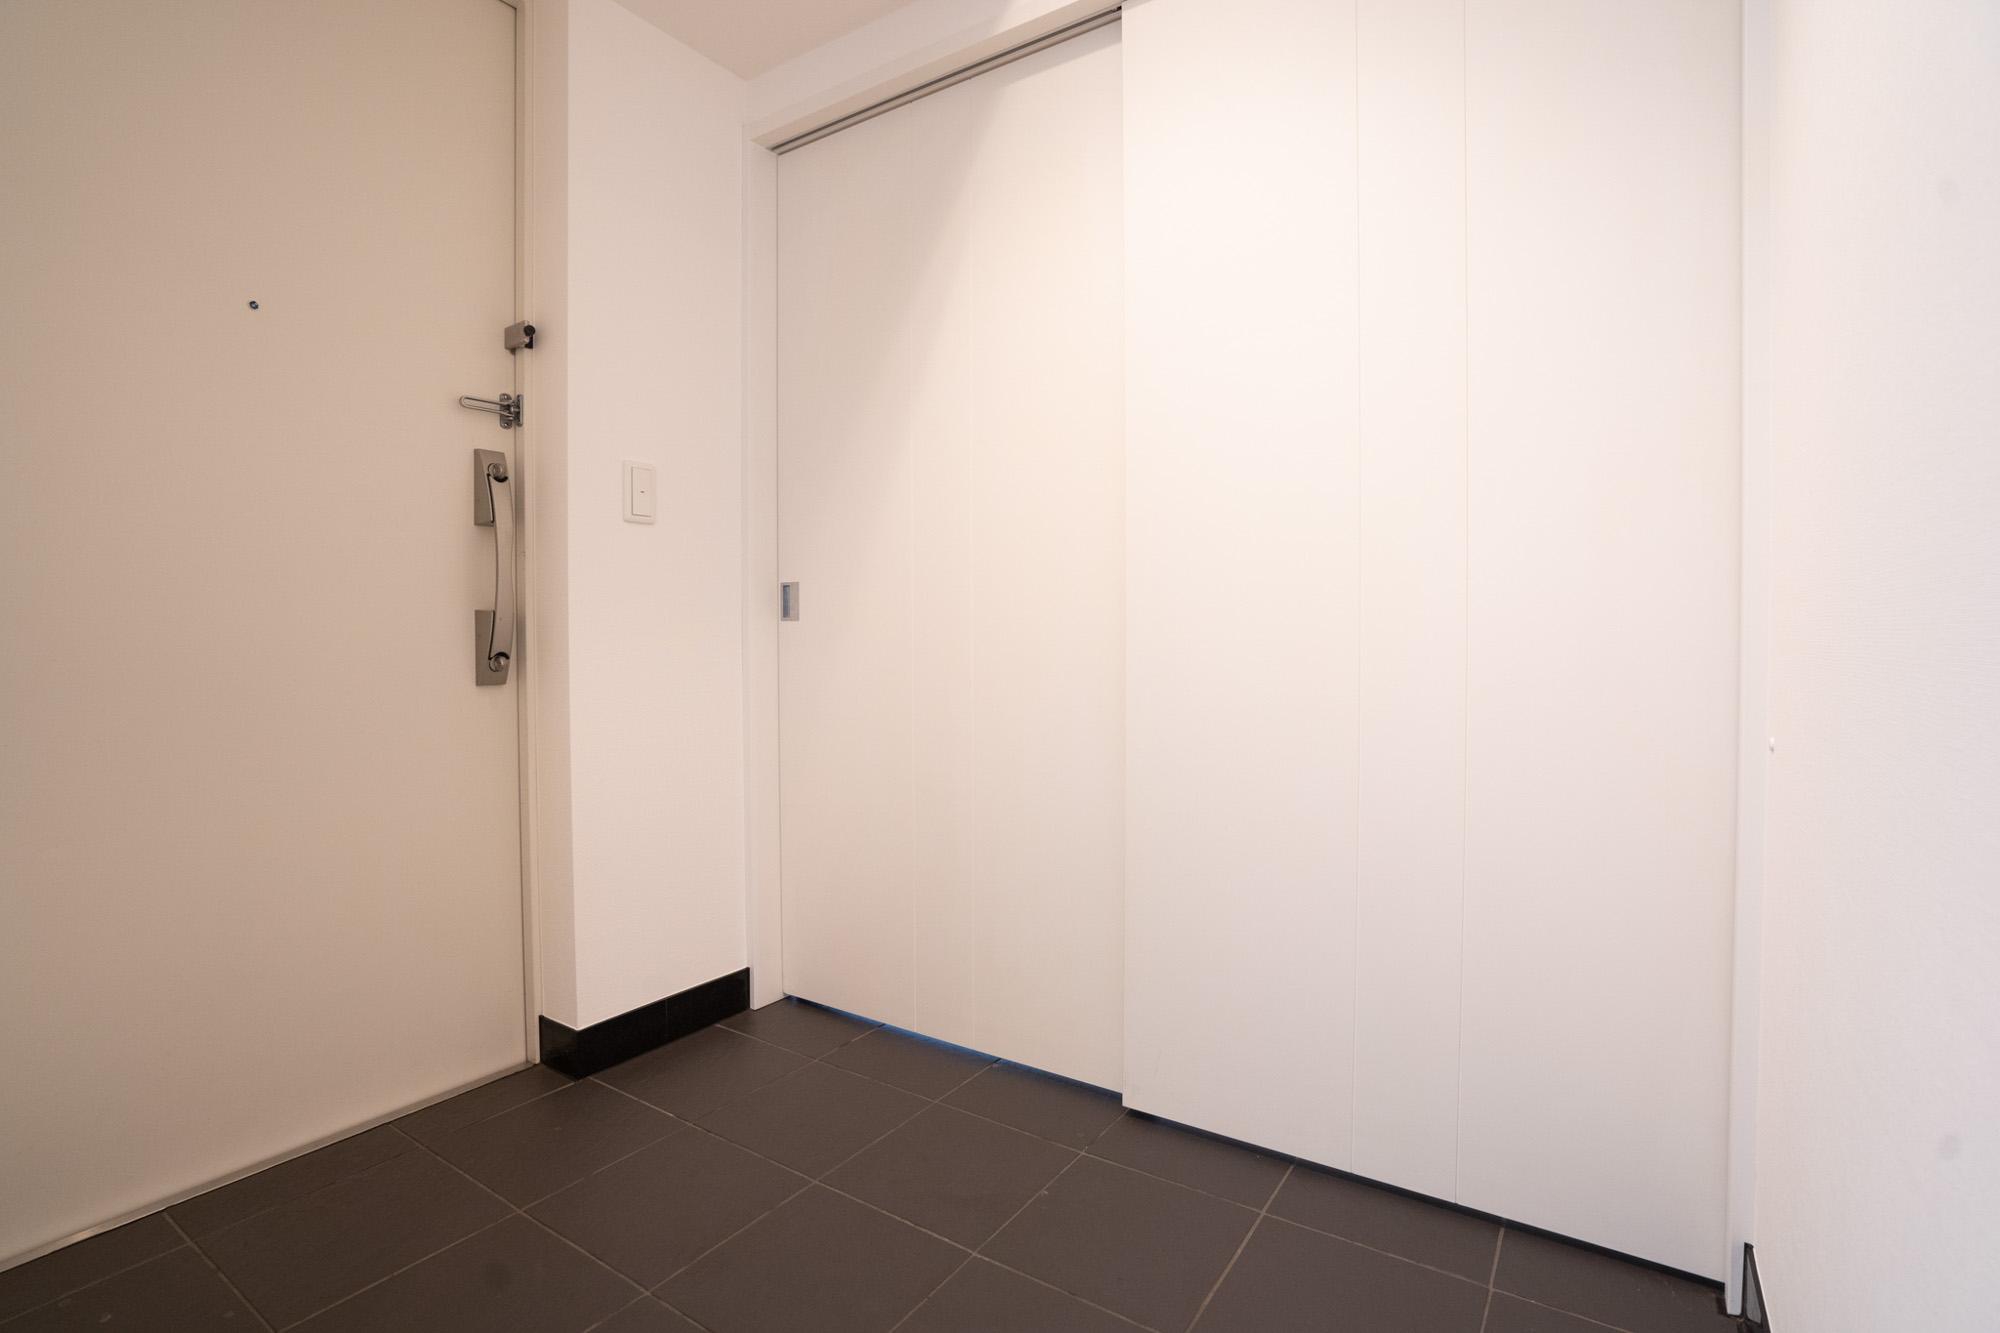 4607号室のいちばんの特徴が、こちらの広い玄関なのですが